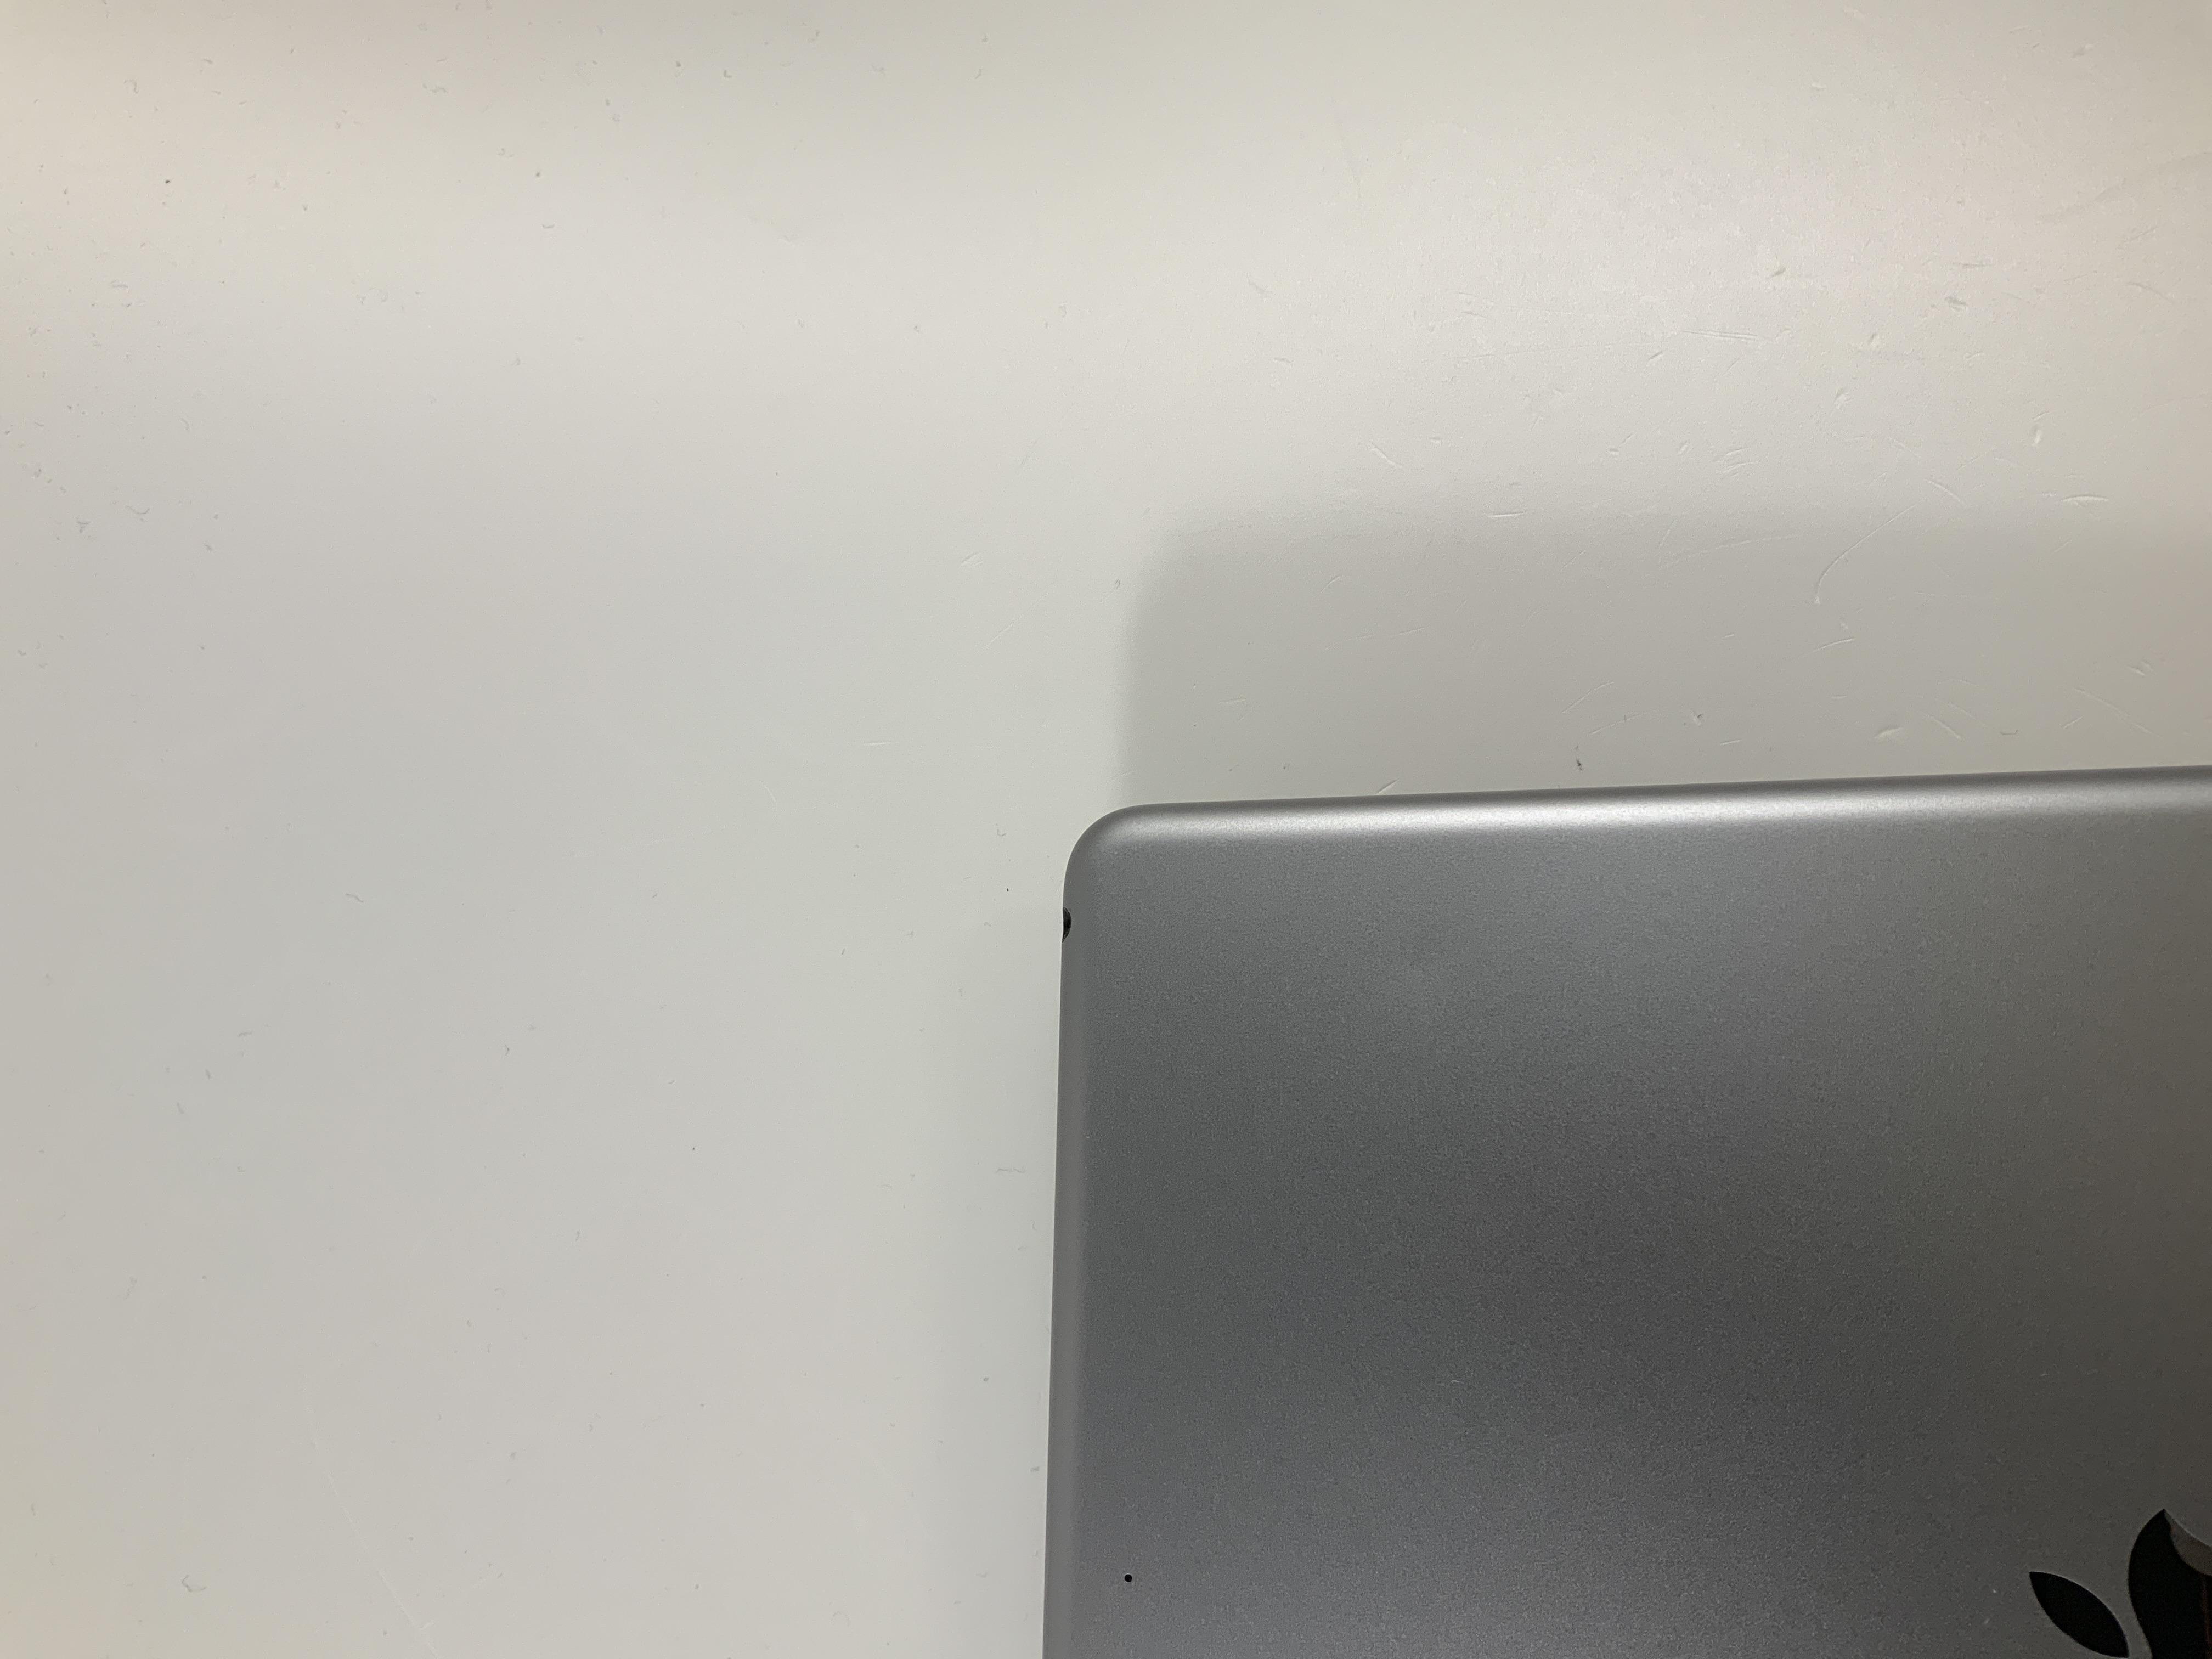 iPad 5 Wi-Fi 128GB, 128GB, Space Gray, imagen 3